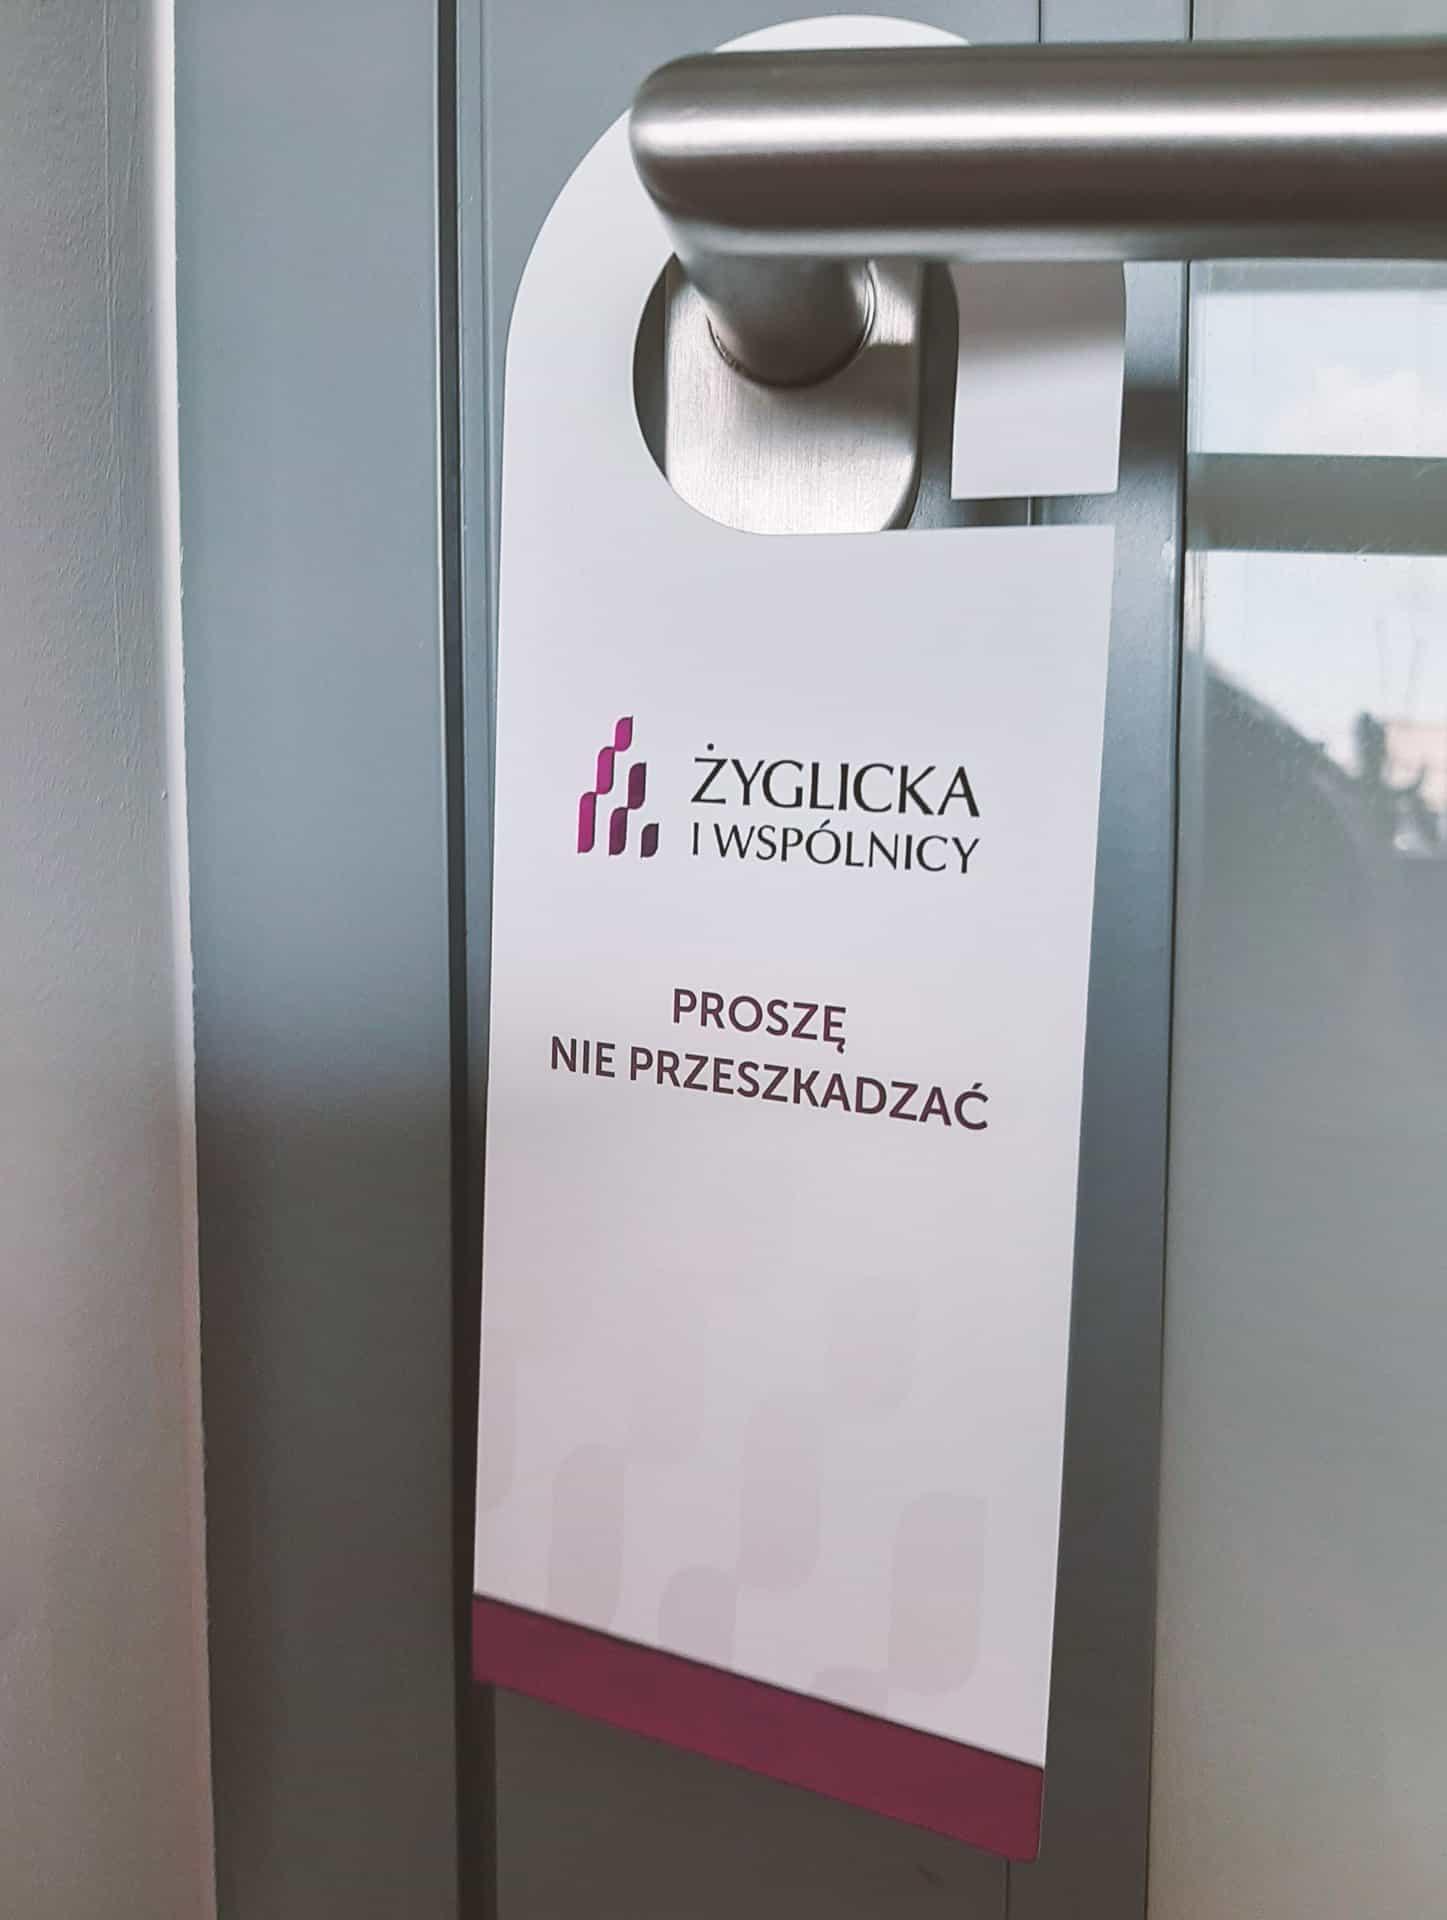 zawieszki na drzwi z logo Żyglicka i wspólnicy